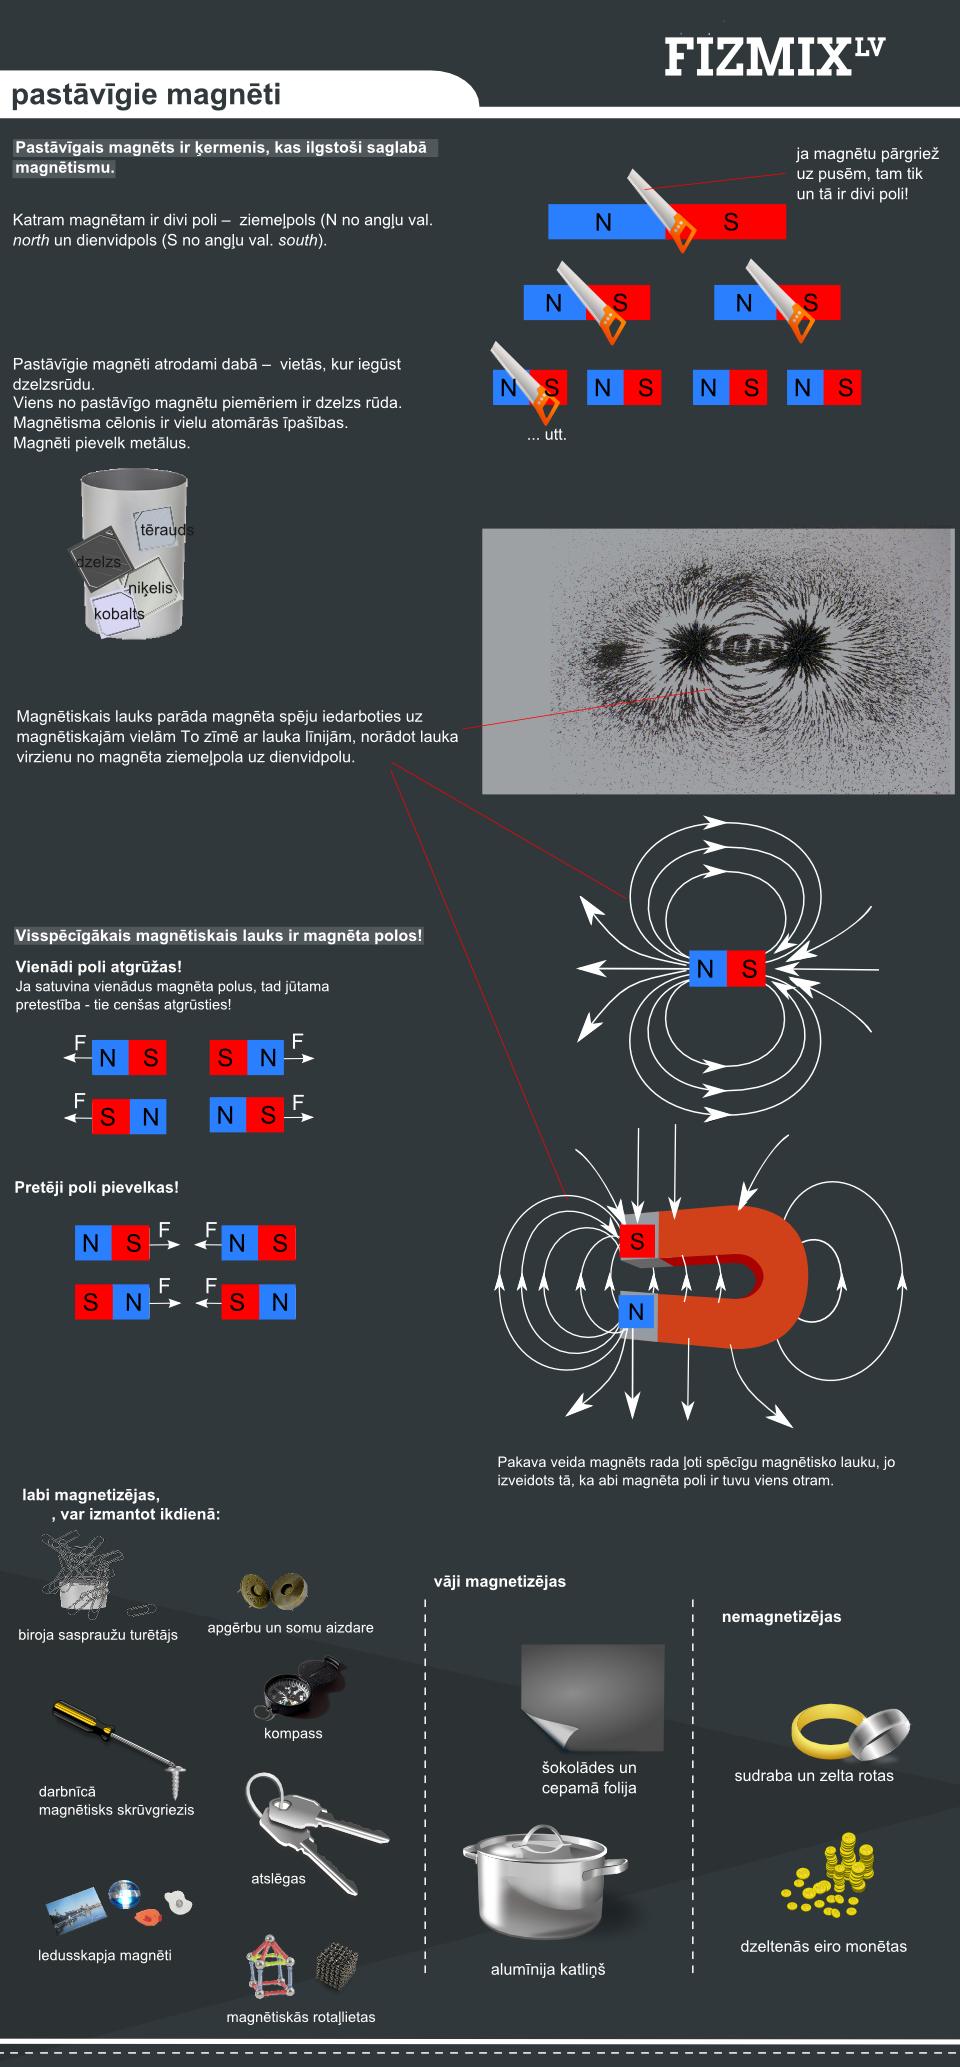 Pastāvīgie magnēti